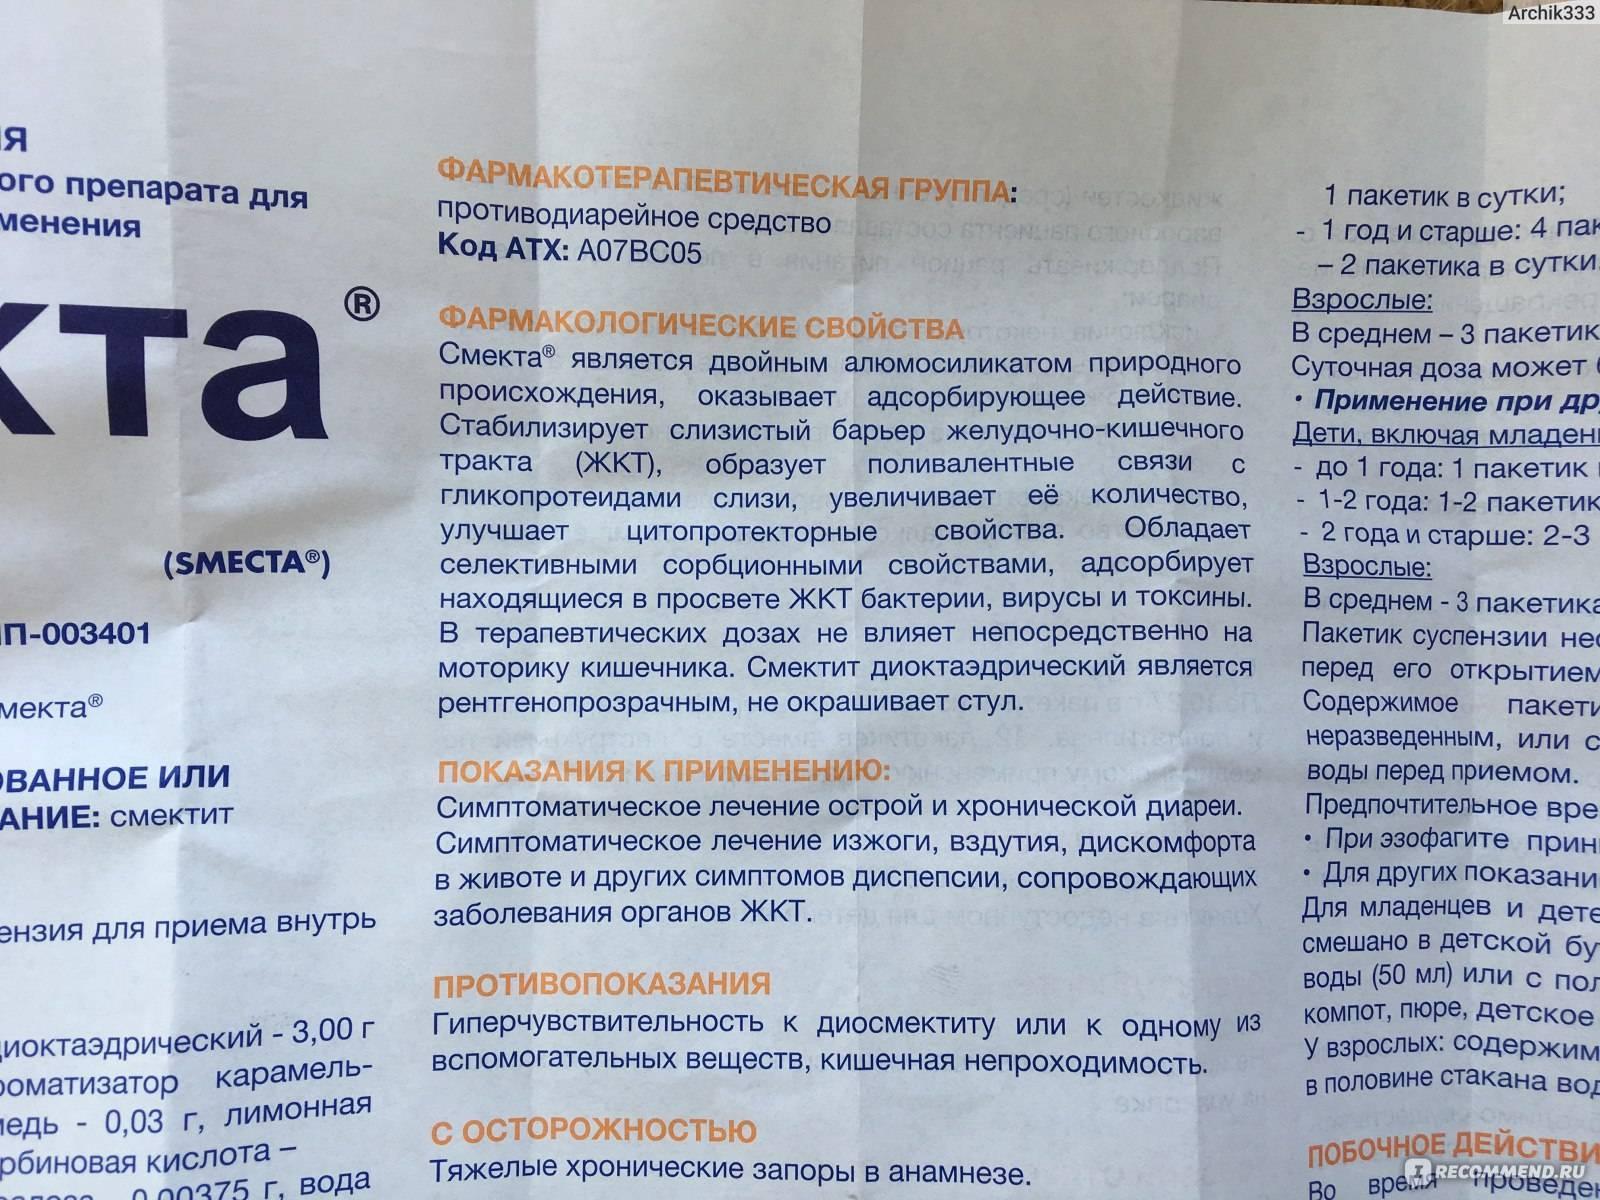 Смекта для новорожденных инструкция по применению: как давать смекту детям до года / mama66.ru